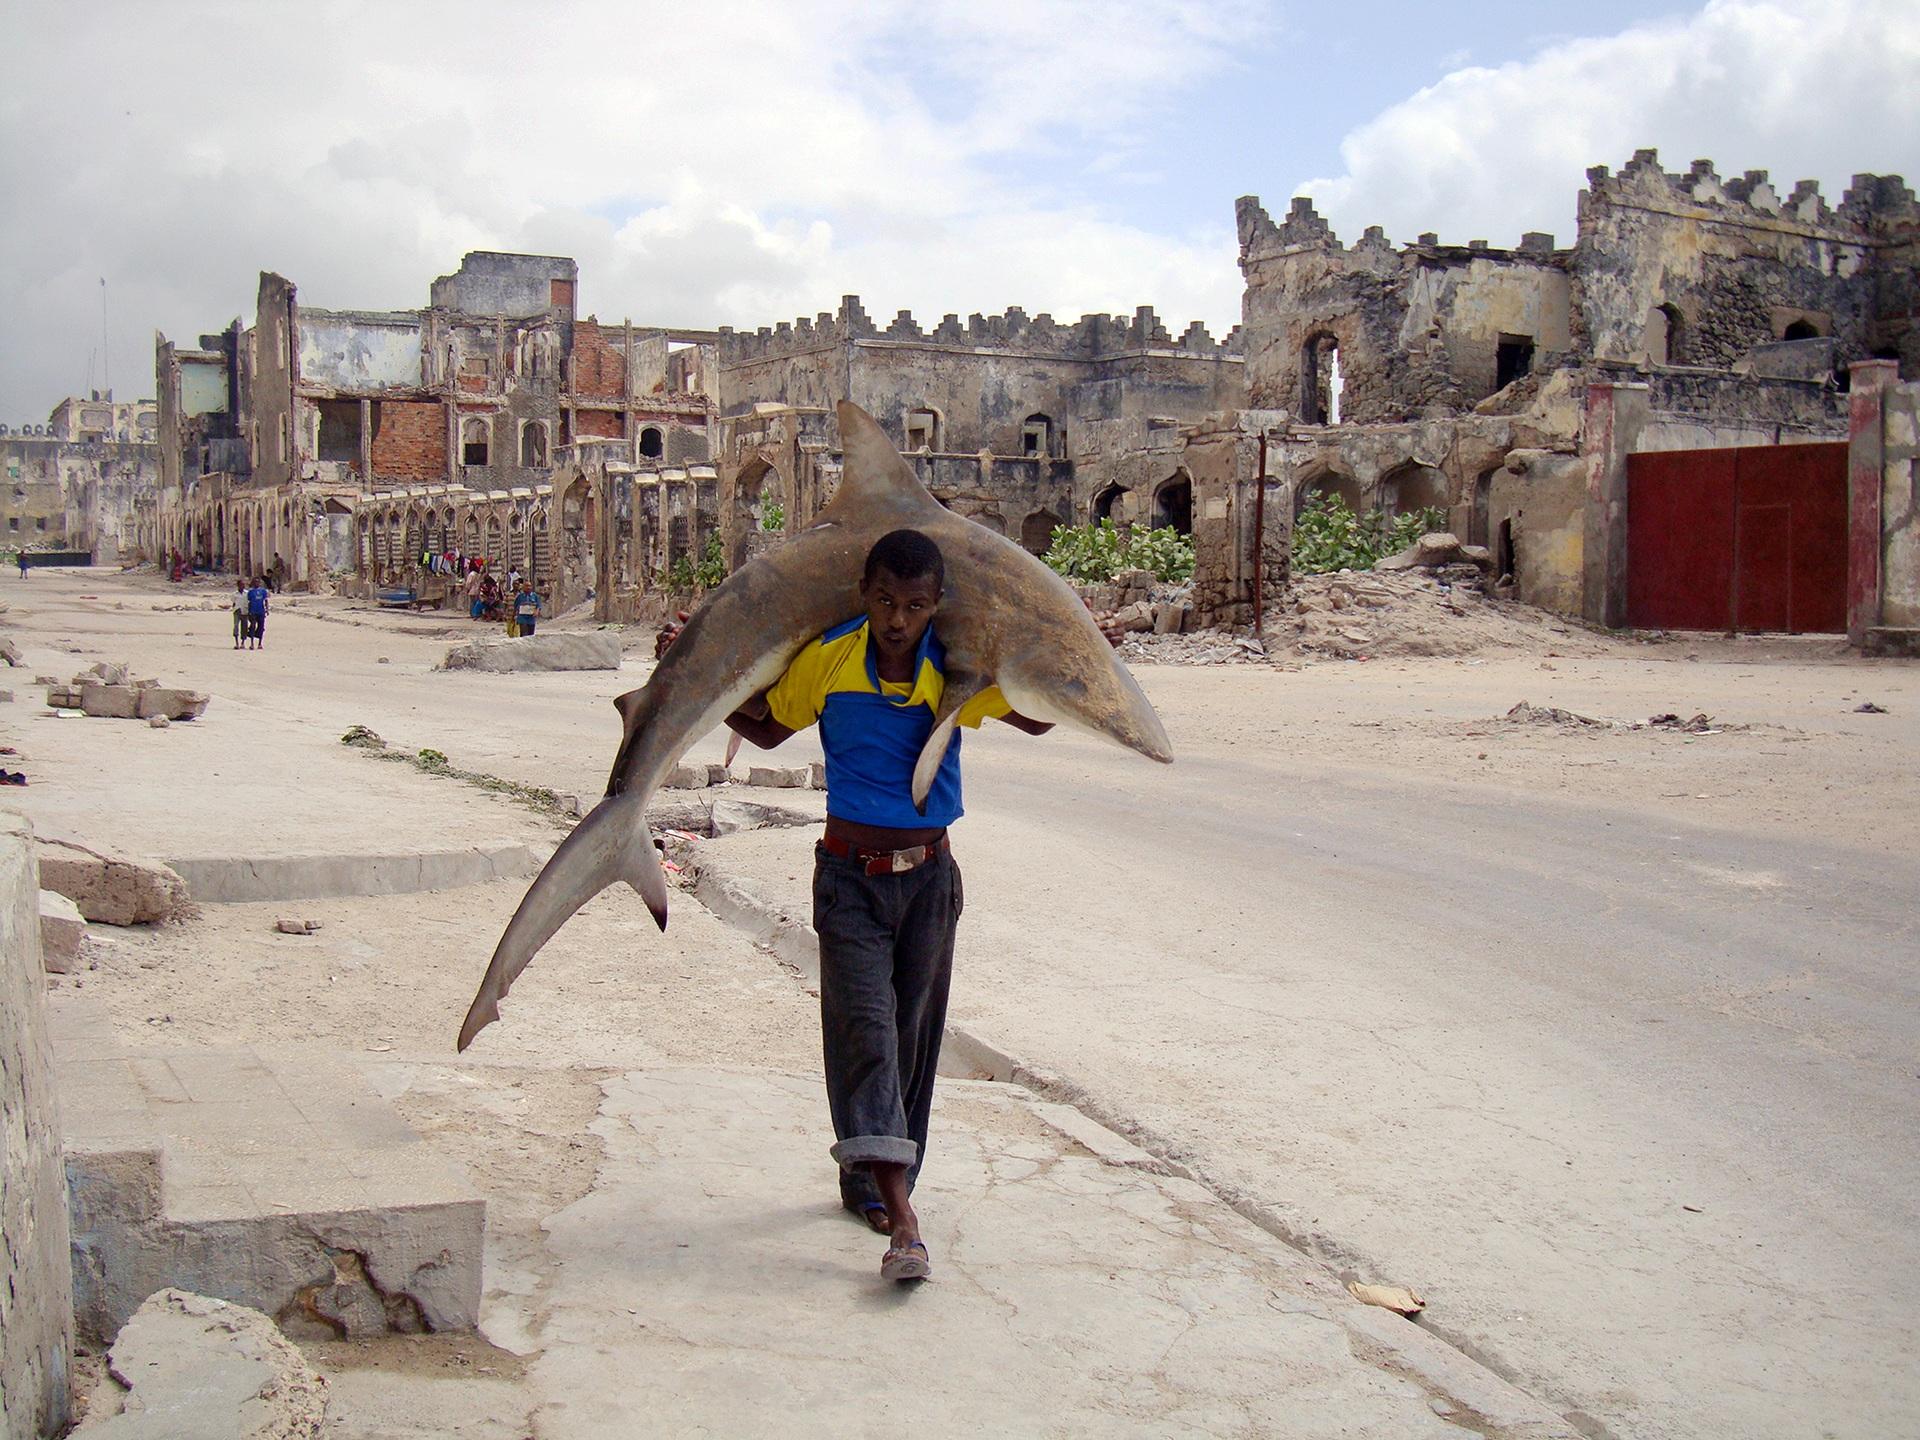 1. nagroda w kategorii Życie codzienne - zdjęcie pojedyncze: Feisal Omar, Somalia, Reuters, Mężczyzna niosący rekina na ulicy w Mogadiuszu, Somalia, 23 września'